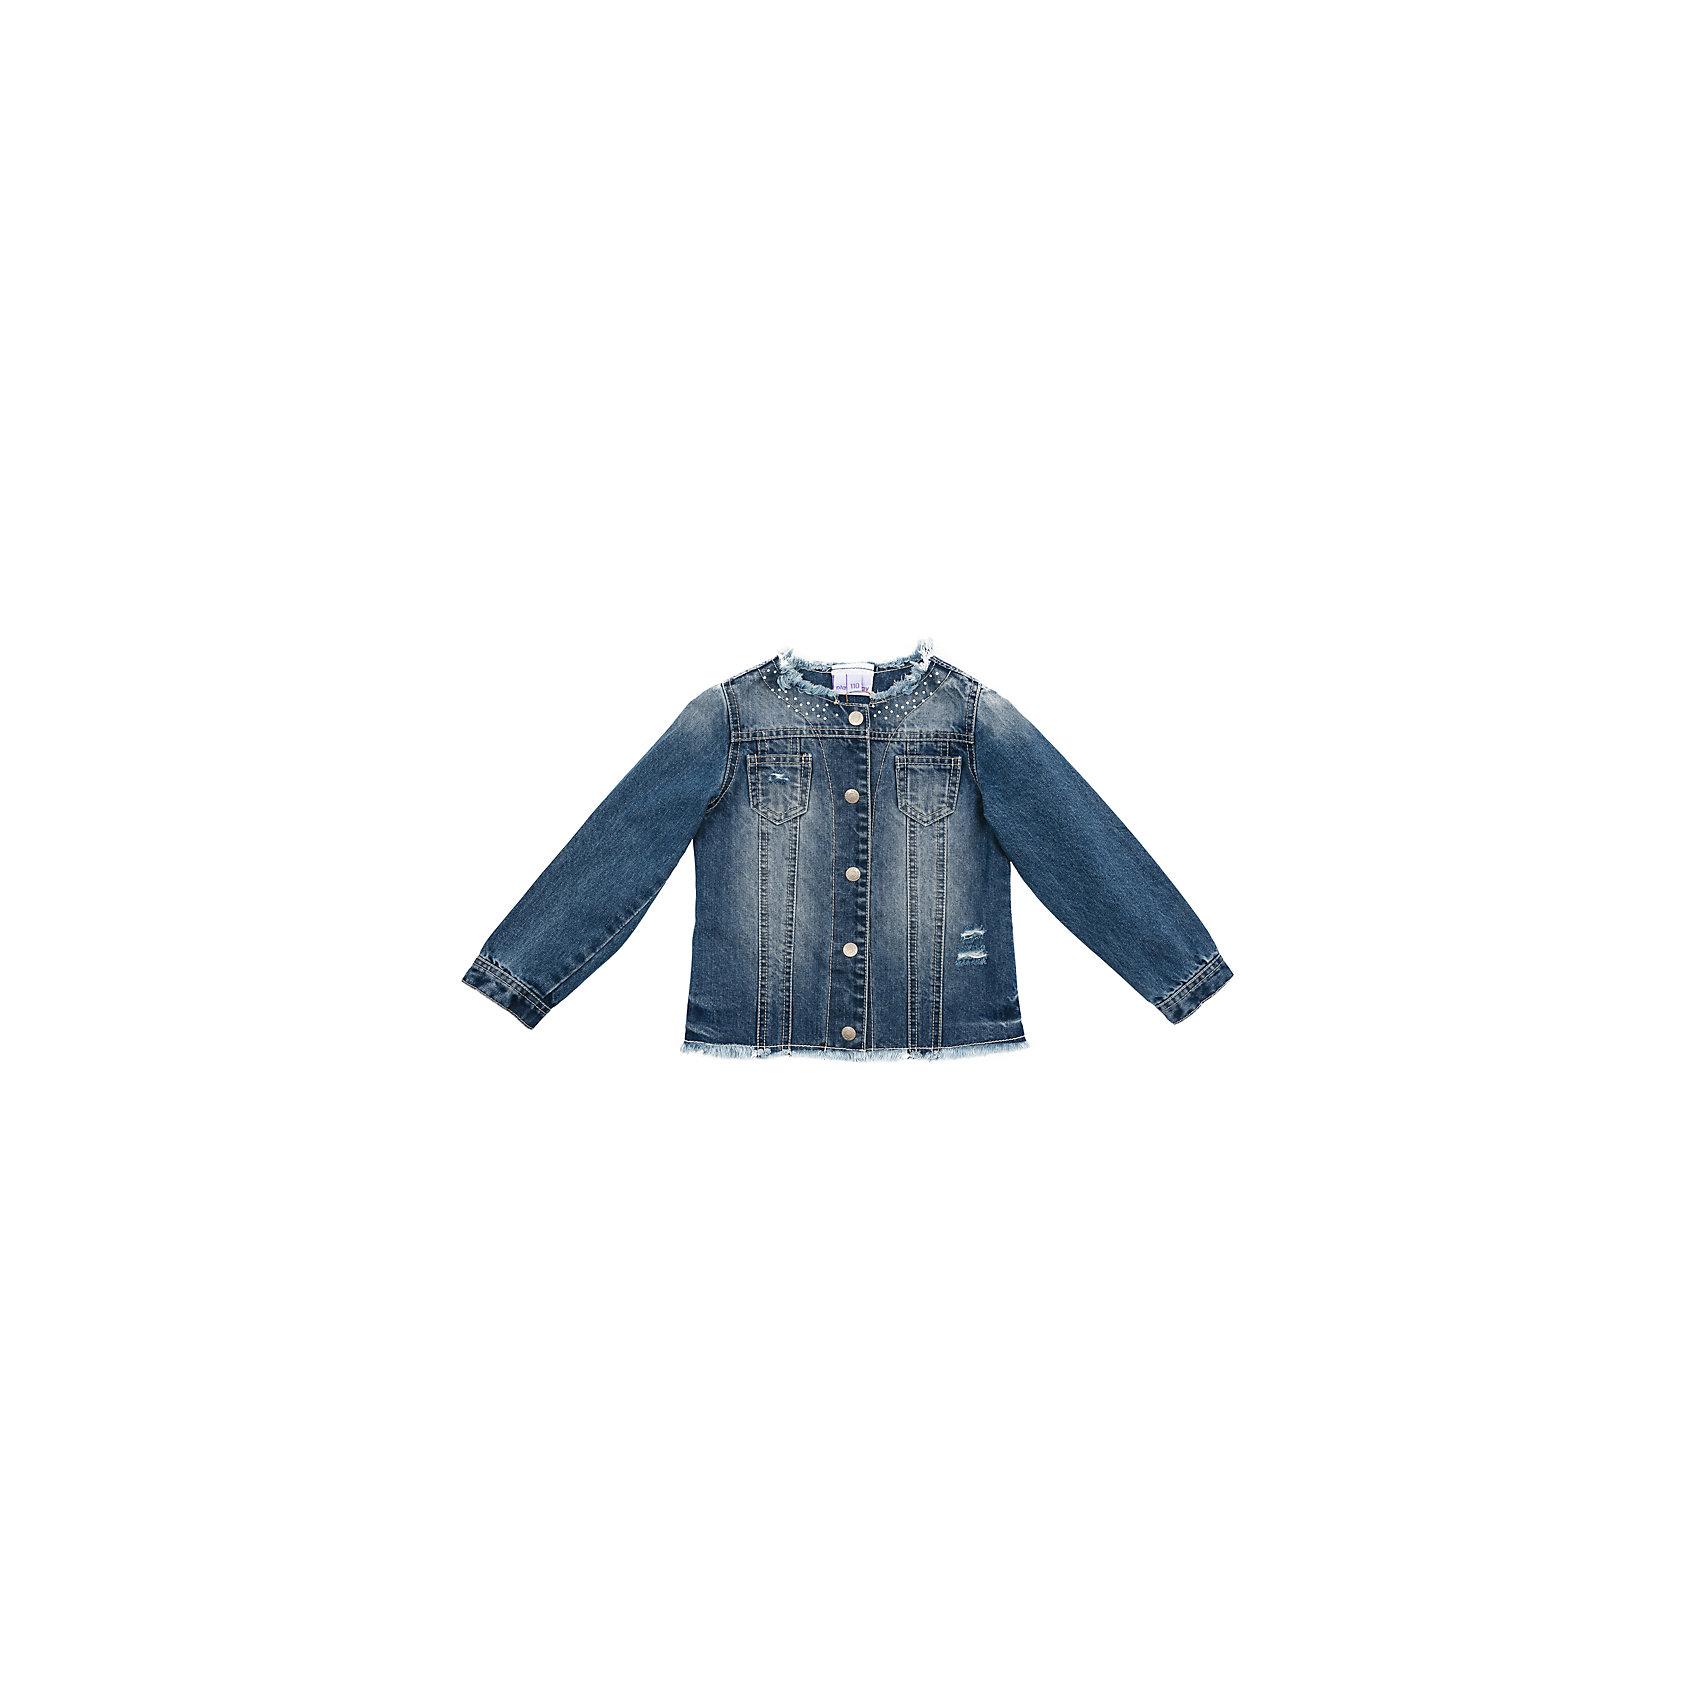 Куртка джинсовая для девочки PlayTodayДжинсовый бум<br>Куртка джинсовая для девочки PlayToday<br>Эффектная куртка из натуральной джинсы прекрасно подойдет для прогулок в прохладную погоду. Модель с эффектом потертости и металлическими клепками понравится Вашей моднице. Куртка на металлических пуговицах. Мягкая ткань не сковывает движений ребенка <br><br>Преимущества: <br><br>Мягкая ткань не сковывает движений ребенка<br>Модель с эффектом потертости и металлическими клепками<br>Куртка на металлических пуговицах<br><br><br>Состав:<br>100% хлопок<br><br>Ширина мм: 356<br>Глубина мм: 10<br>Высота мм: 245<br>Вес г: 519<br>Цвет: синий<br>Возраст от месяцев: 84<br>Возраст до месяцев: 96<br>Пол: Женский<br>Возраст: Детский<br>Размер: 128,98,104,110,116,122<br>SKU: 5404244